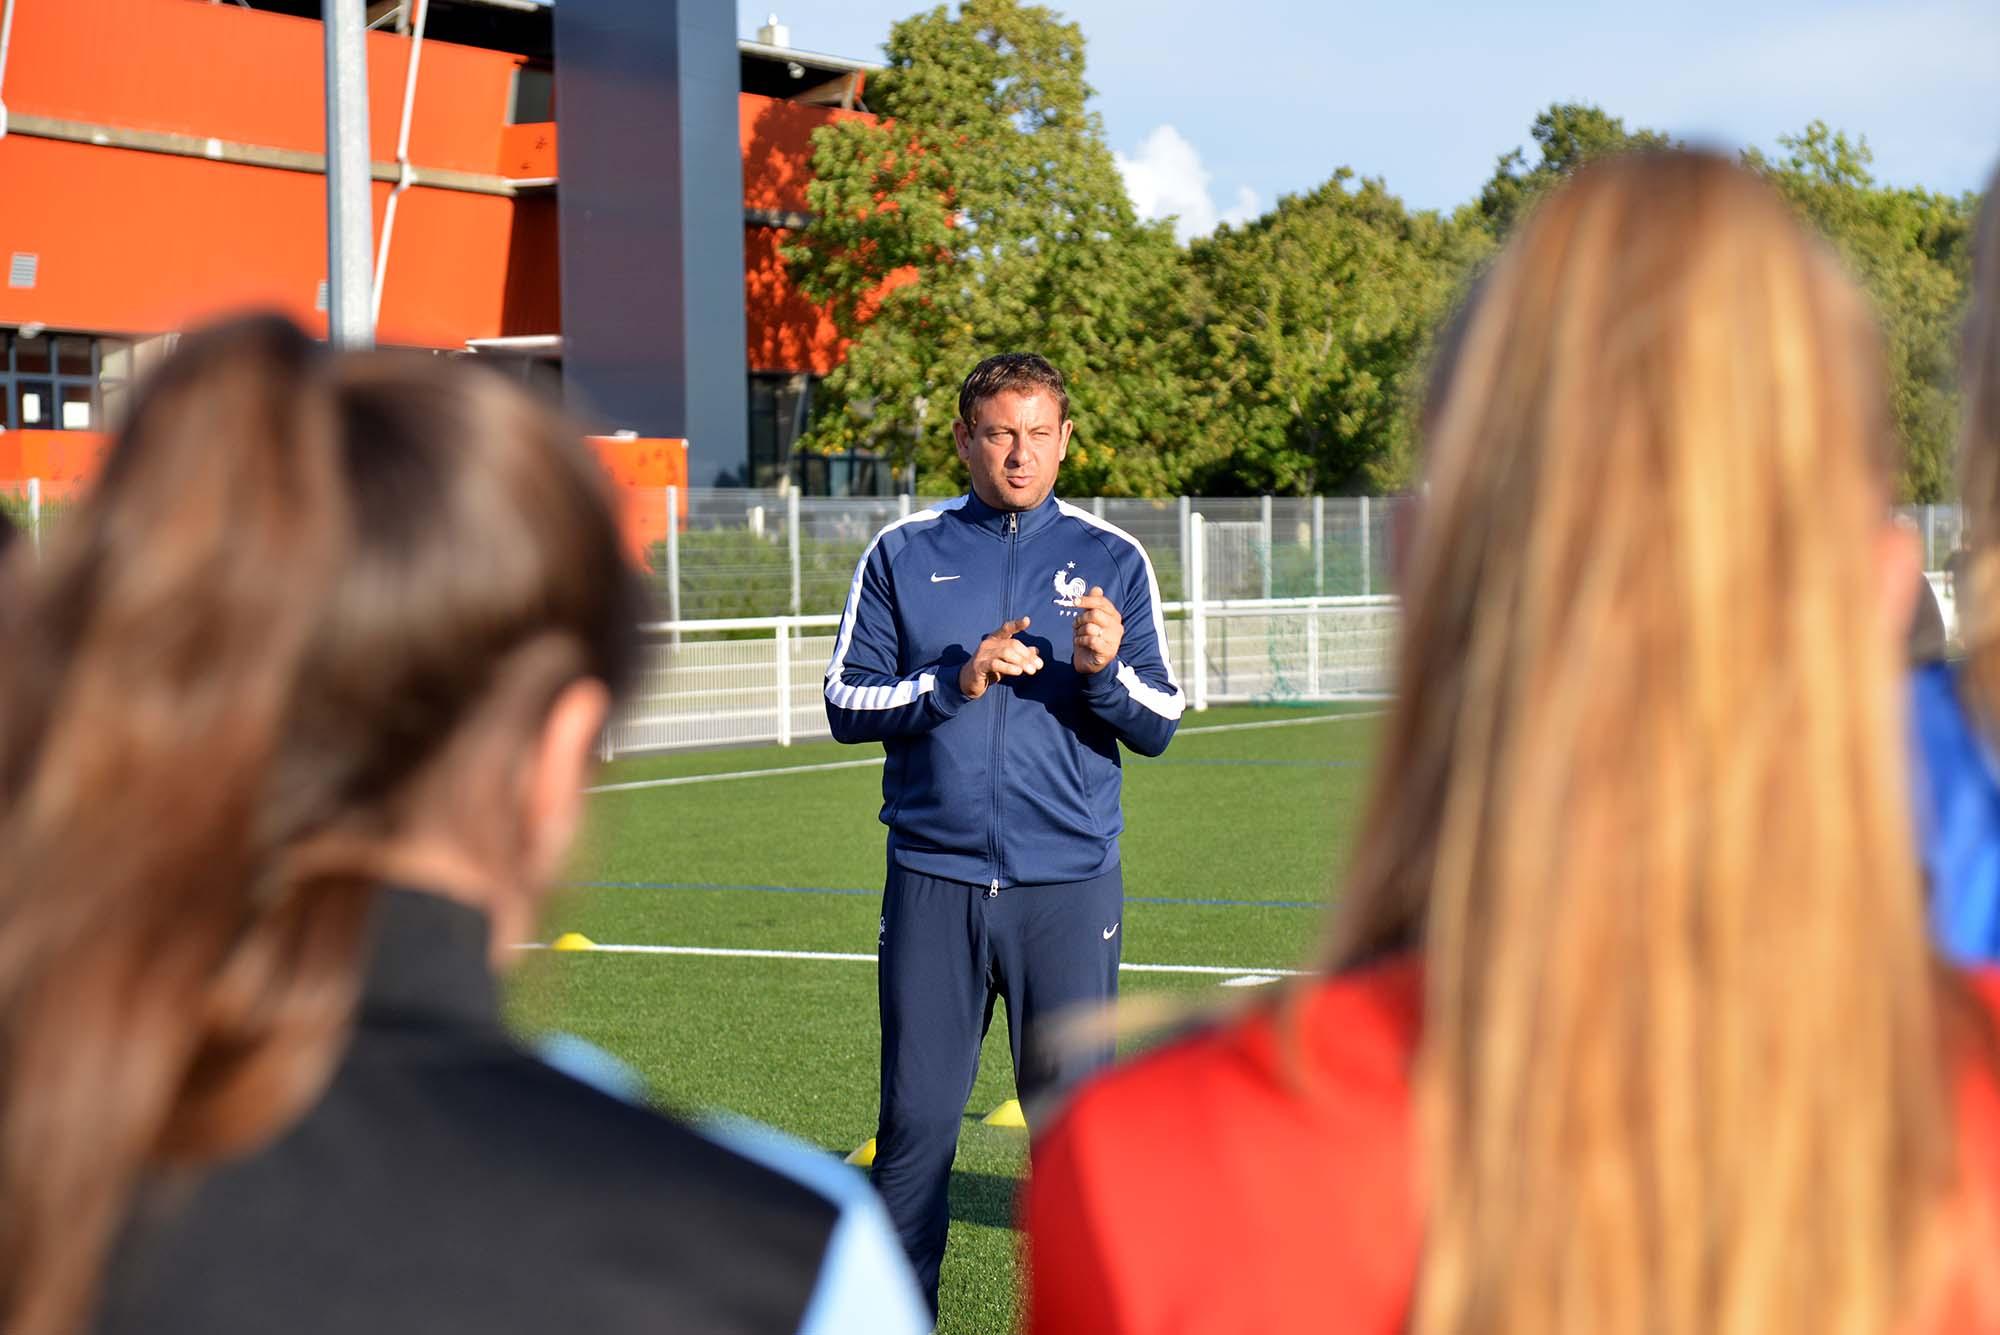 Sébastien Bizolon entraîne l'équipe Senior féminine du Snaf. (©Ville de Saint-Nazaire - Christian Robert)